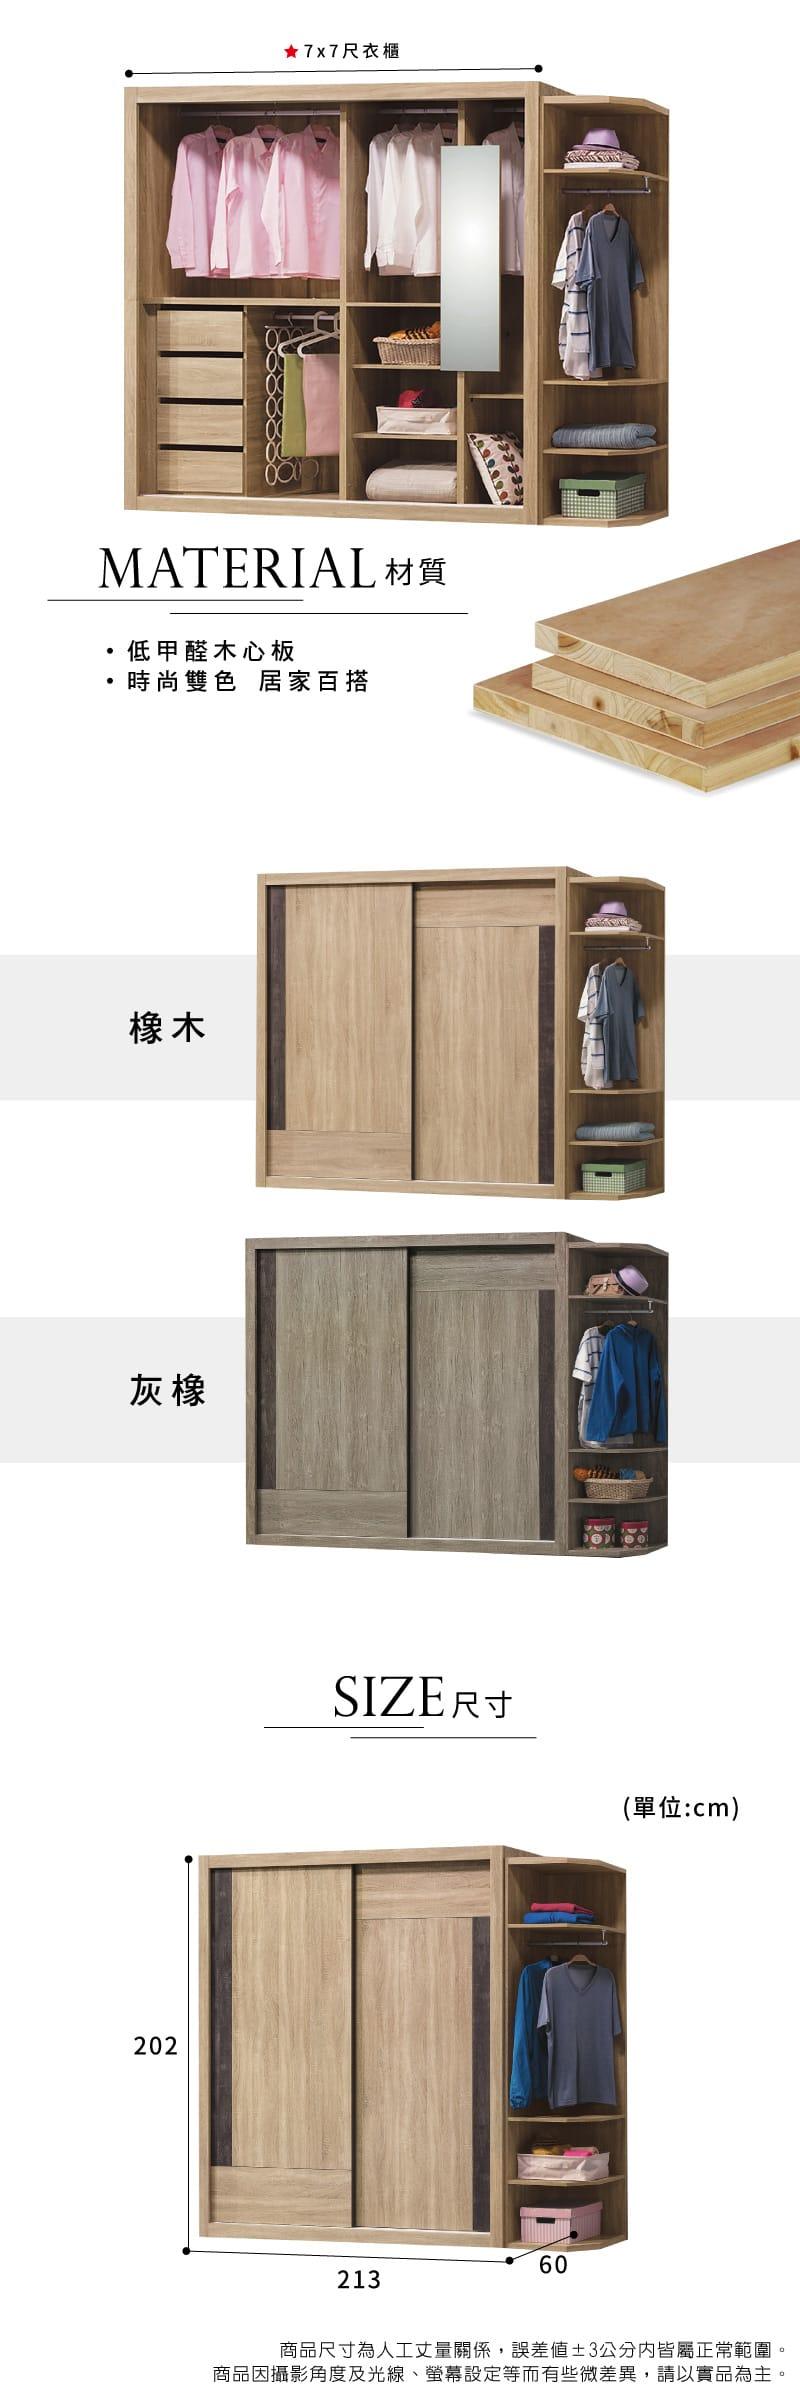 滑門收納置物衣櫃 寬213cm【瓦勒】